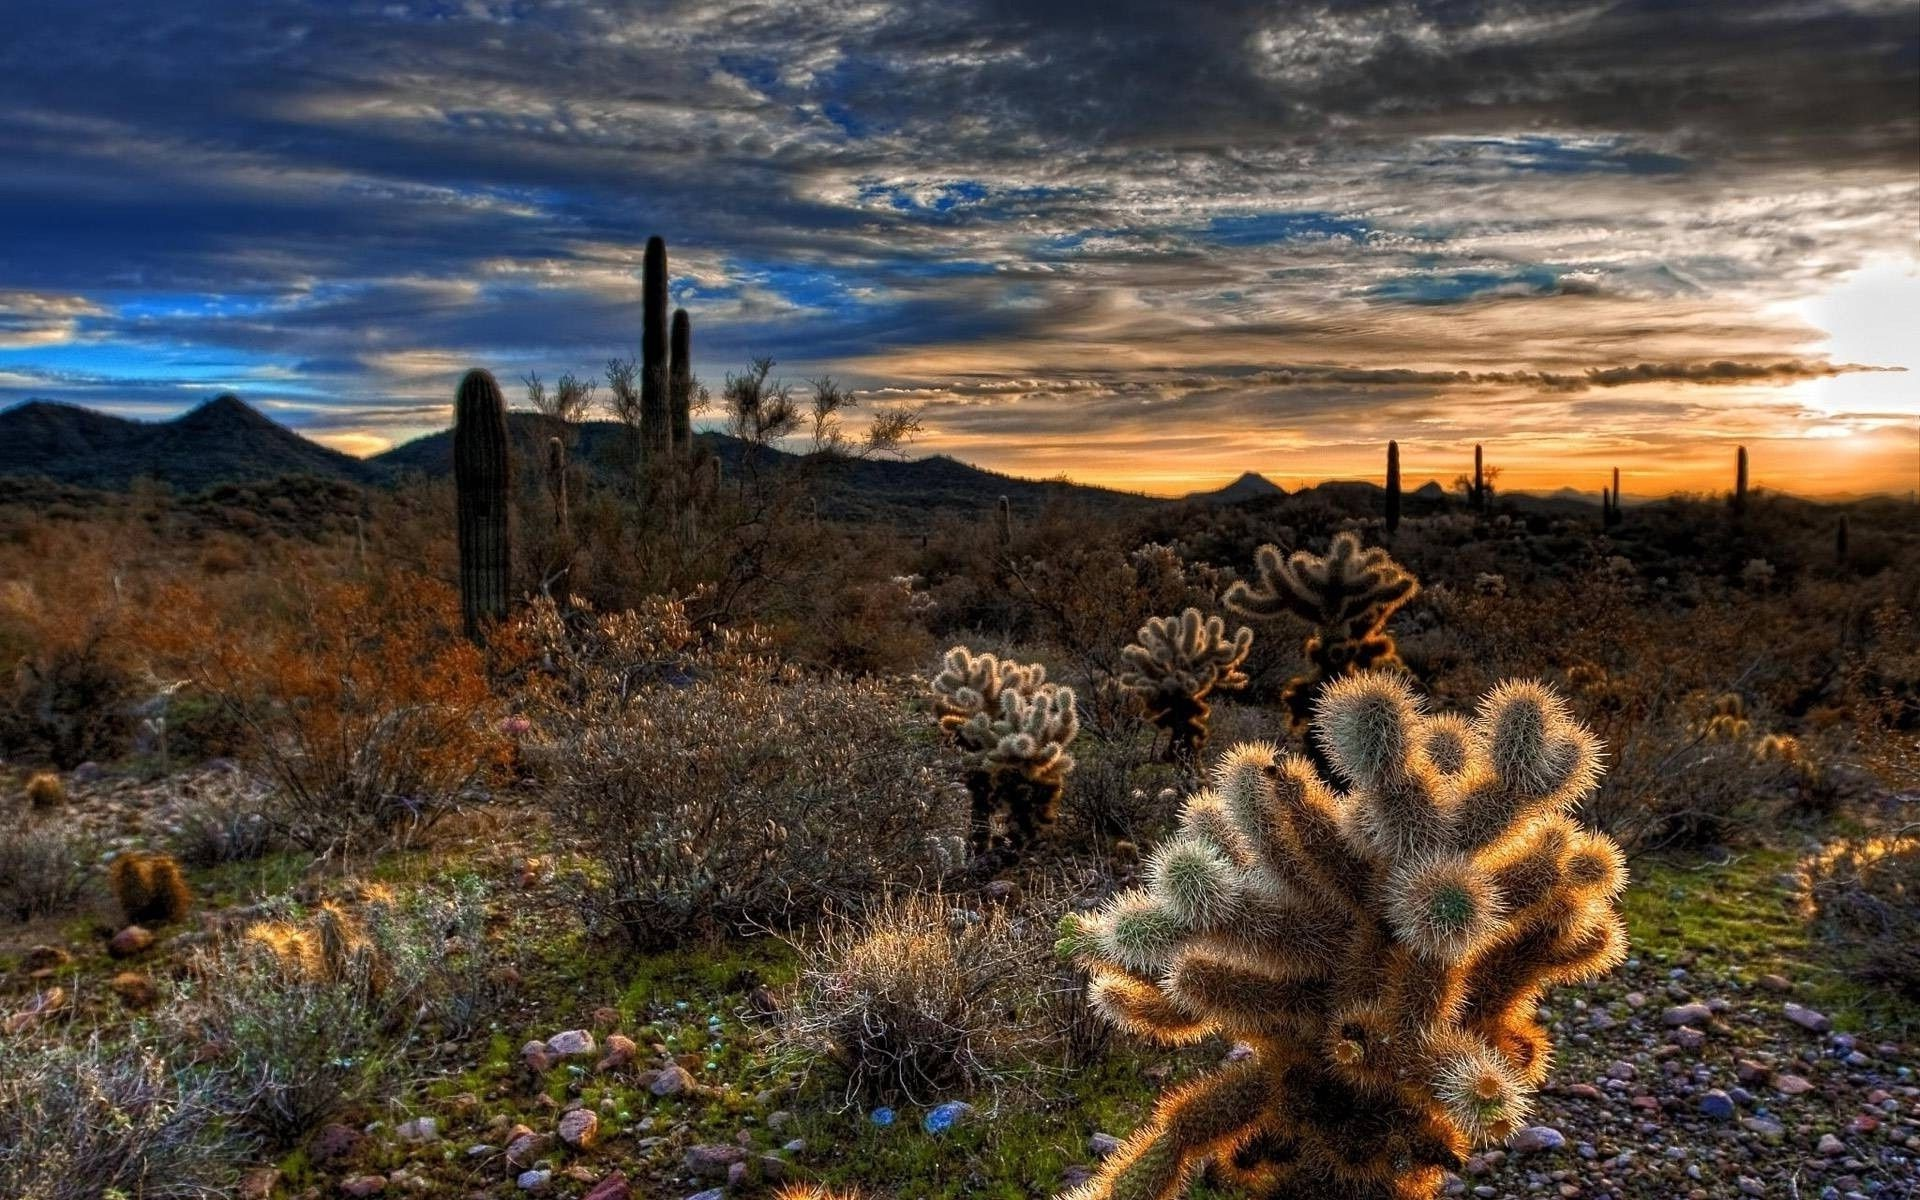 Desert Cactus Phone Wallpapers